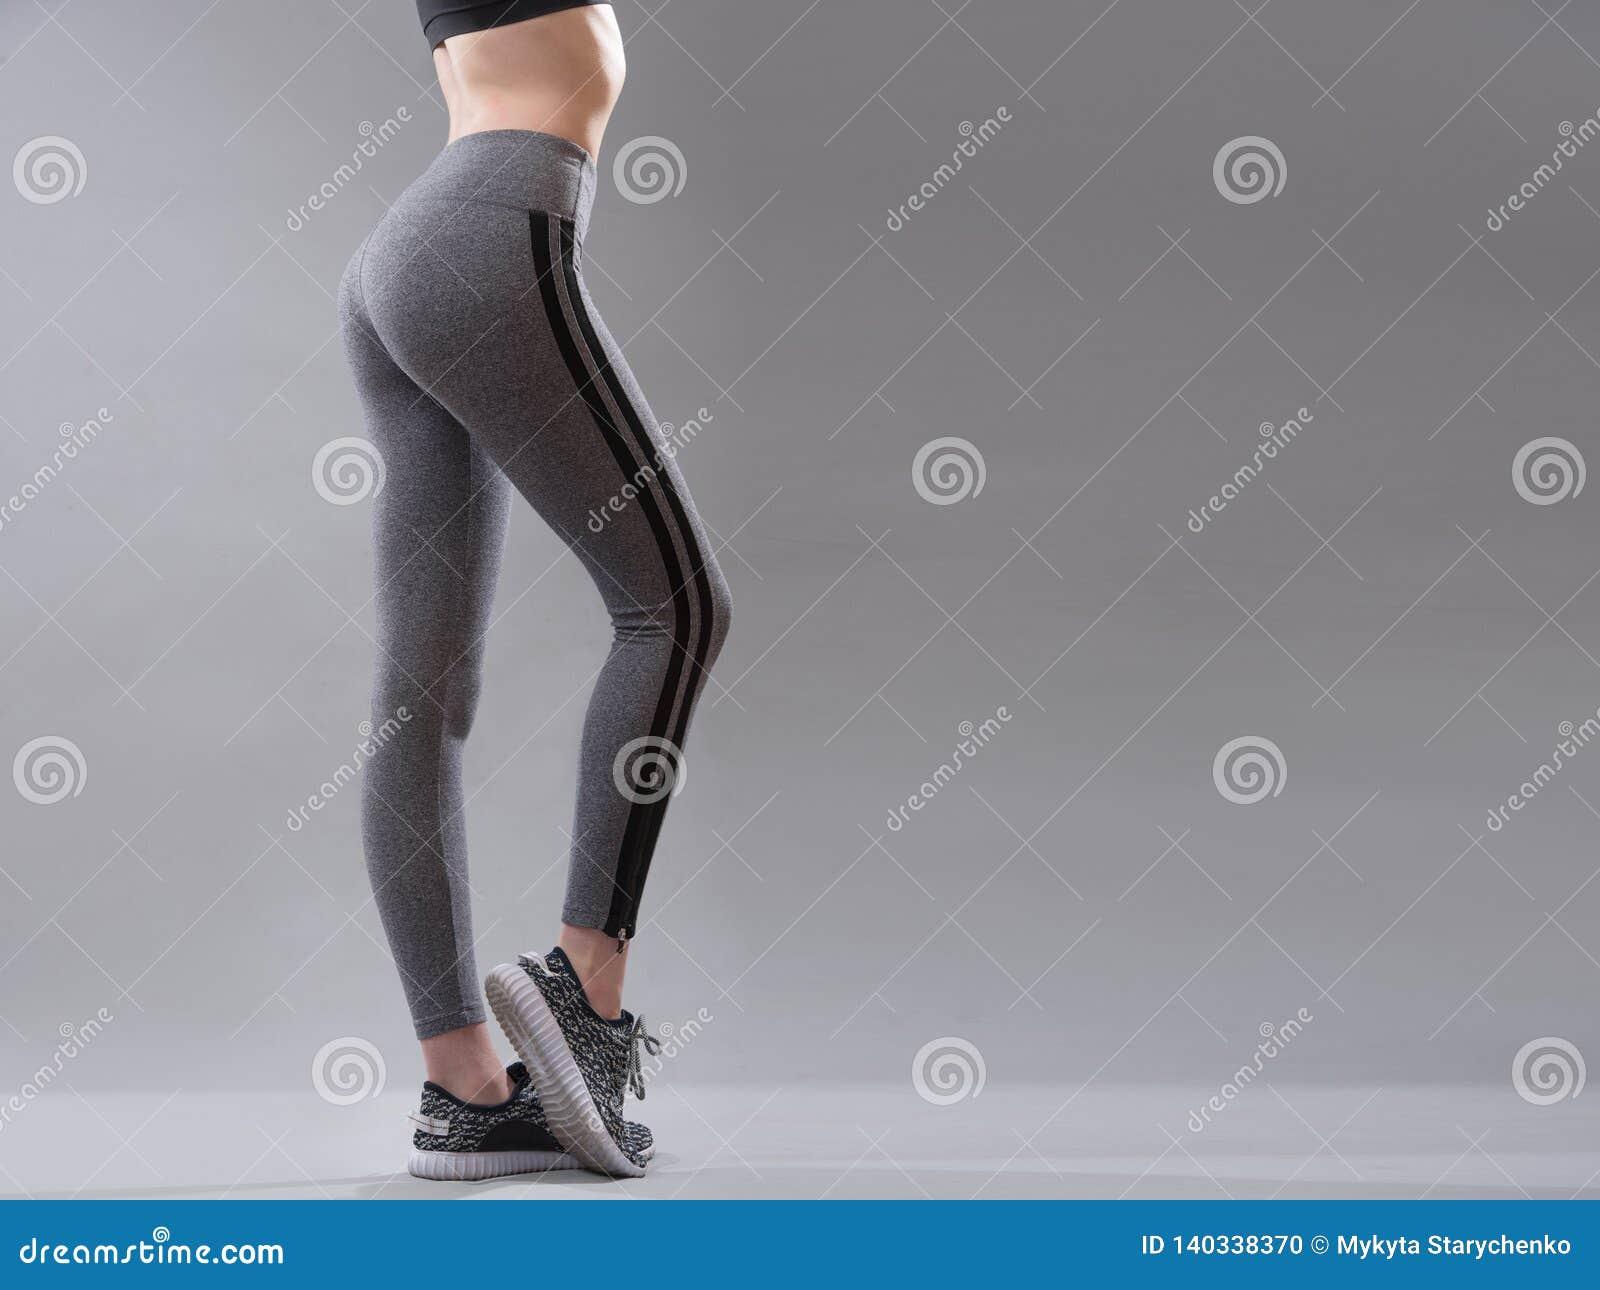 Θηλυκά sportswear ενδύματα στο τέλειο σώμα, τα πάνινα παπούτσια και τα γκρίζα εσώρουχα περικνημίδων